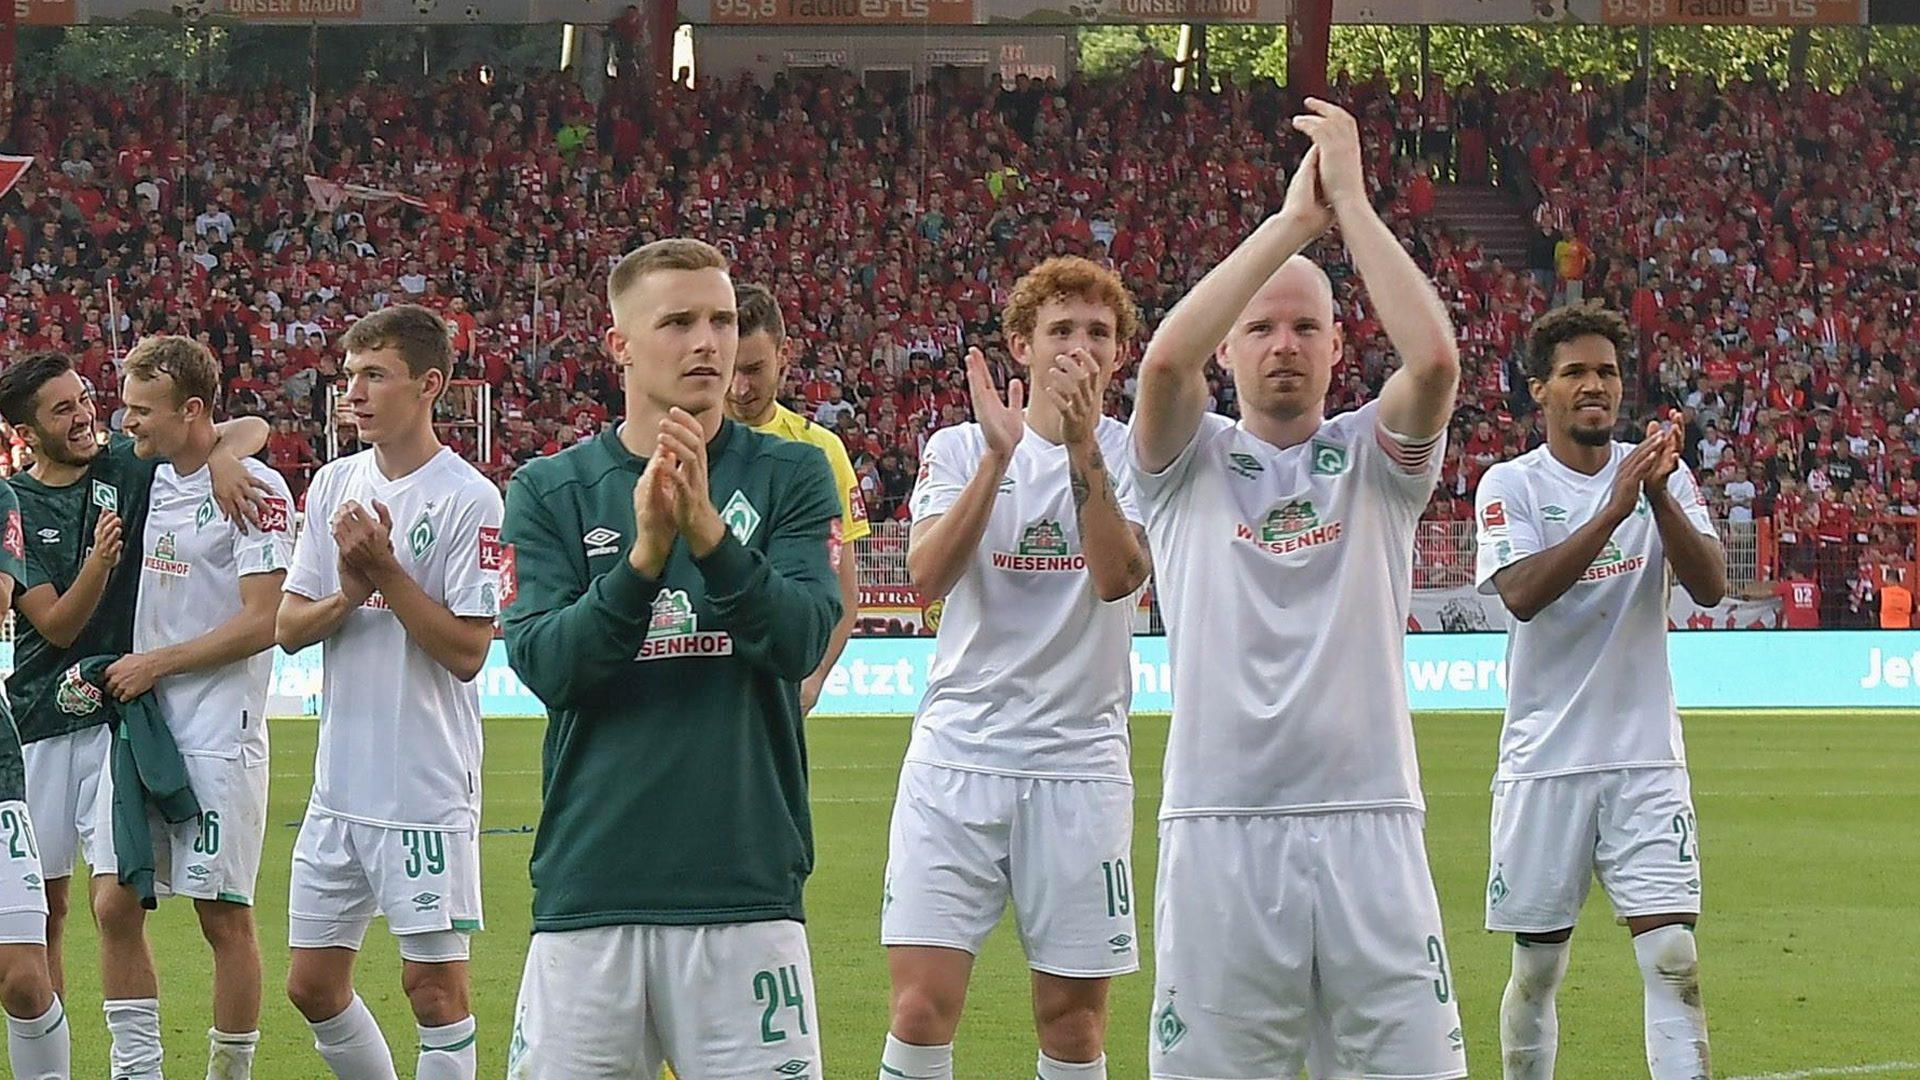 Bremen battle to victory in Berlin